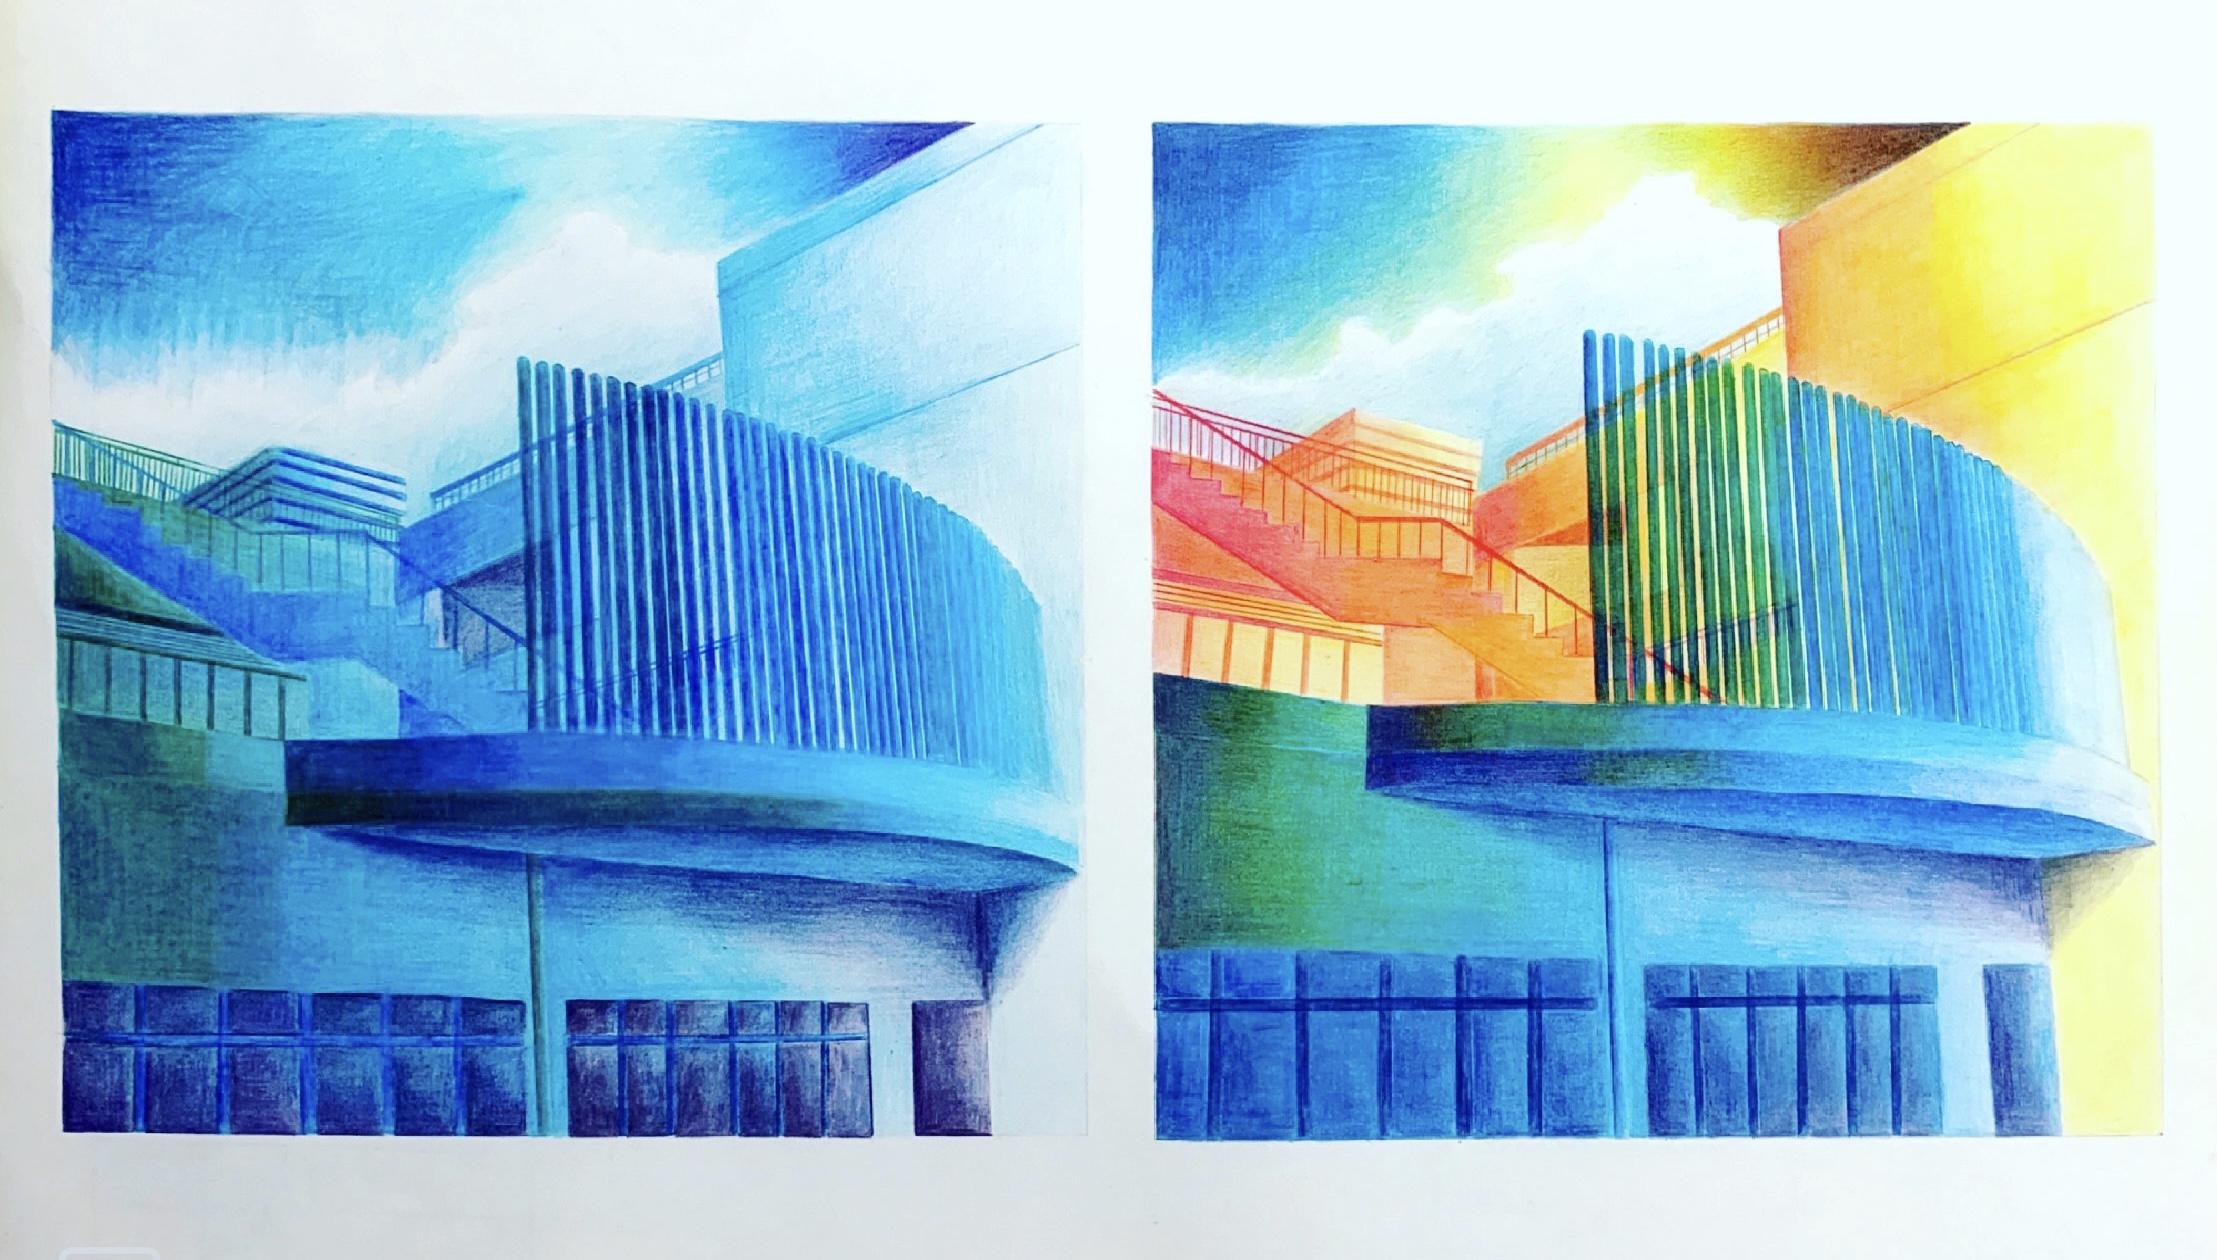 校舎の色彩表現:左が青系統色のみで表現